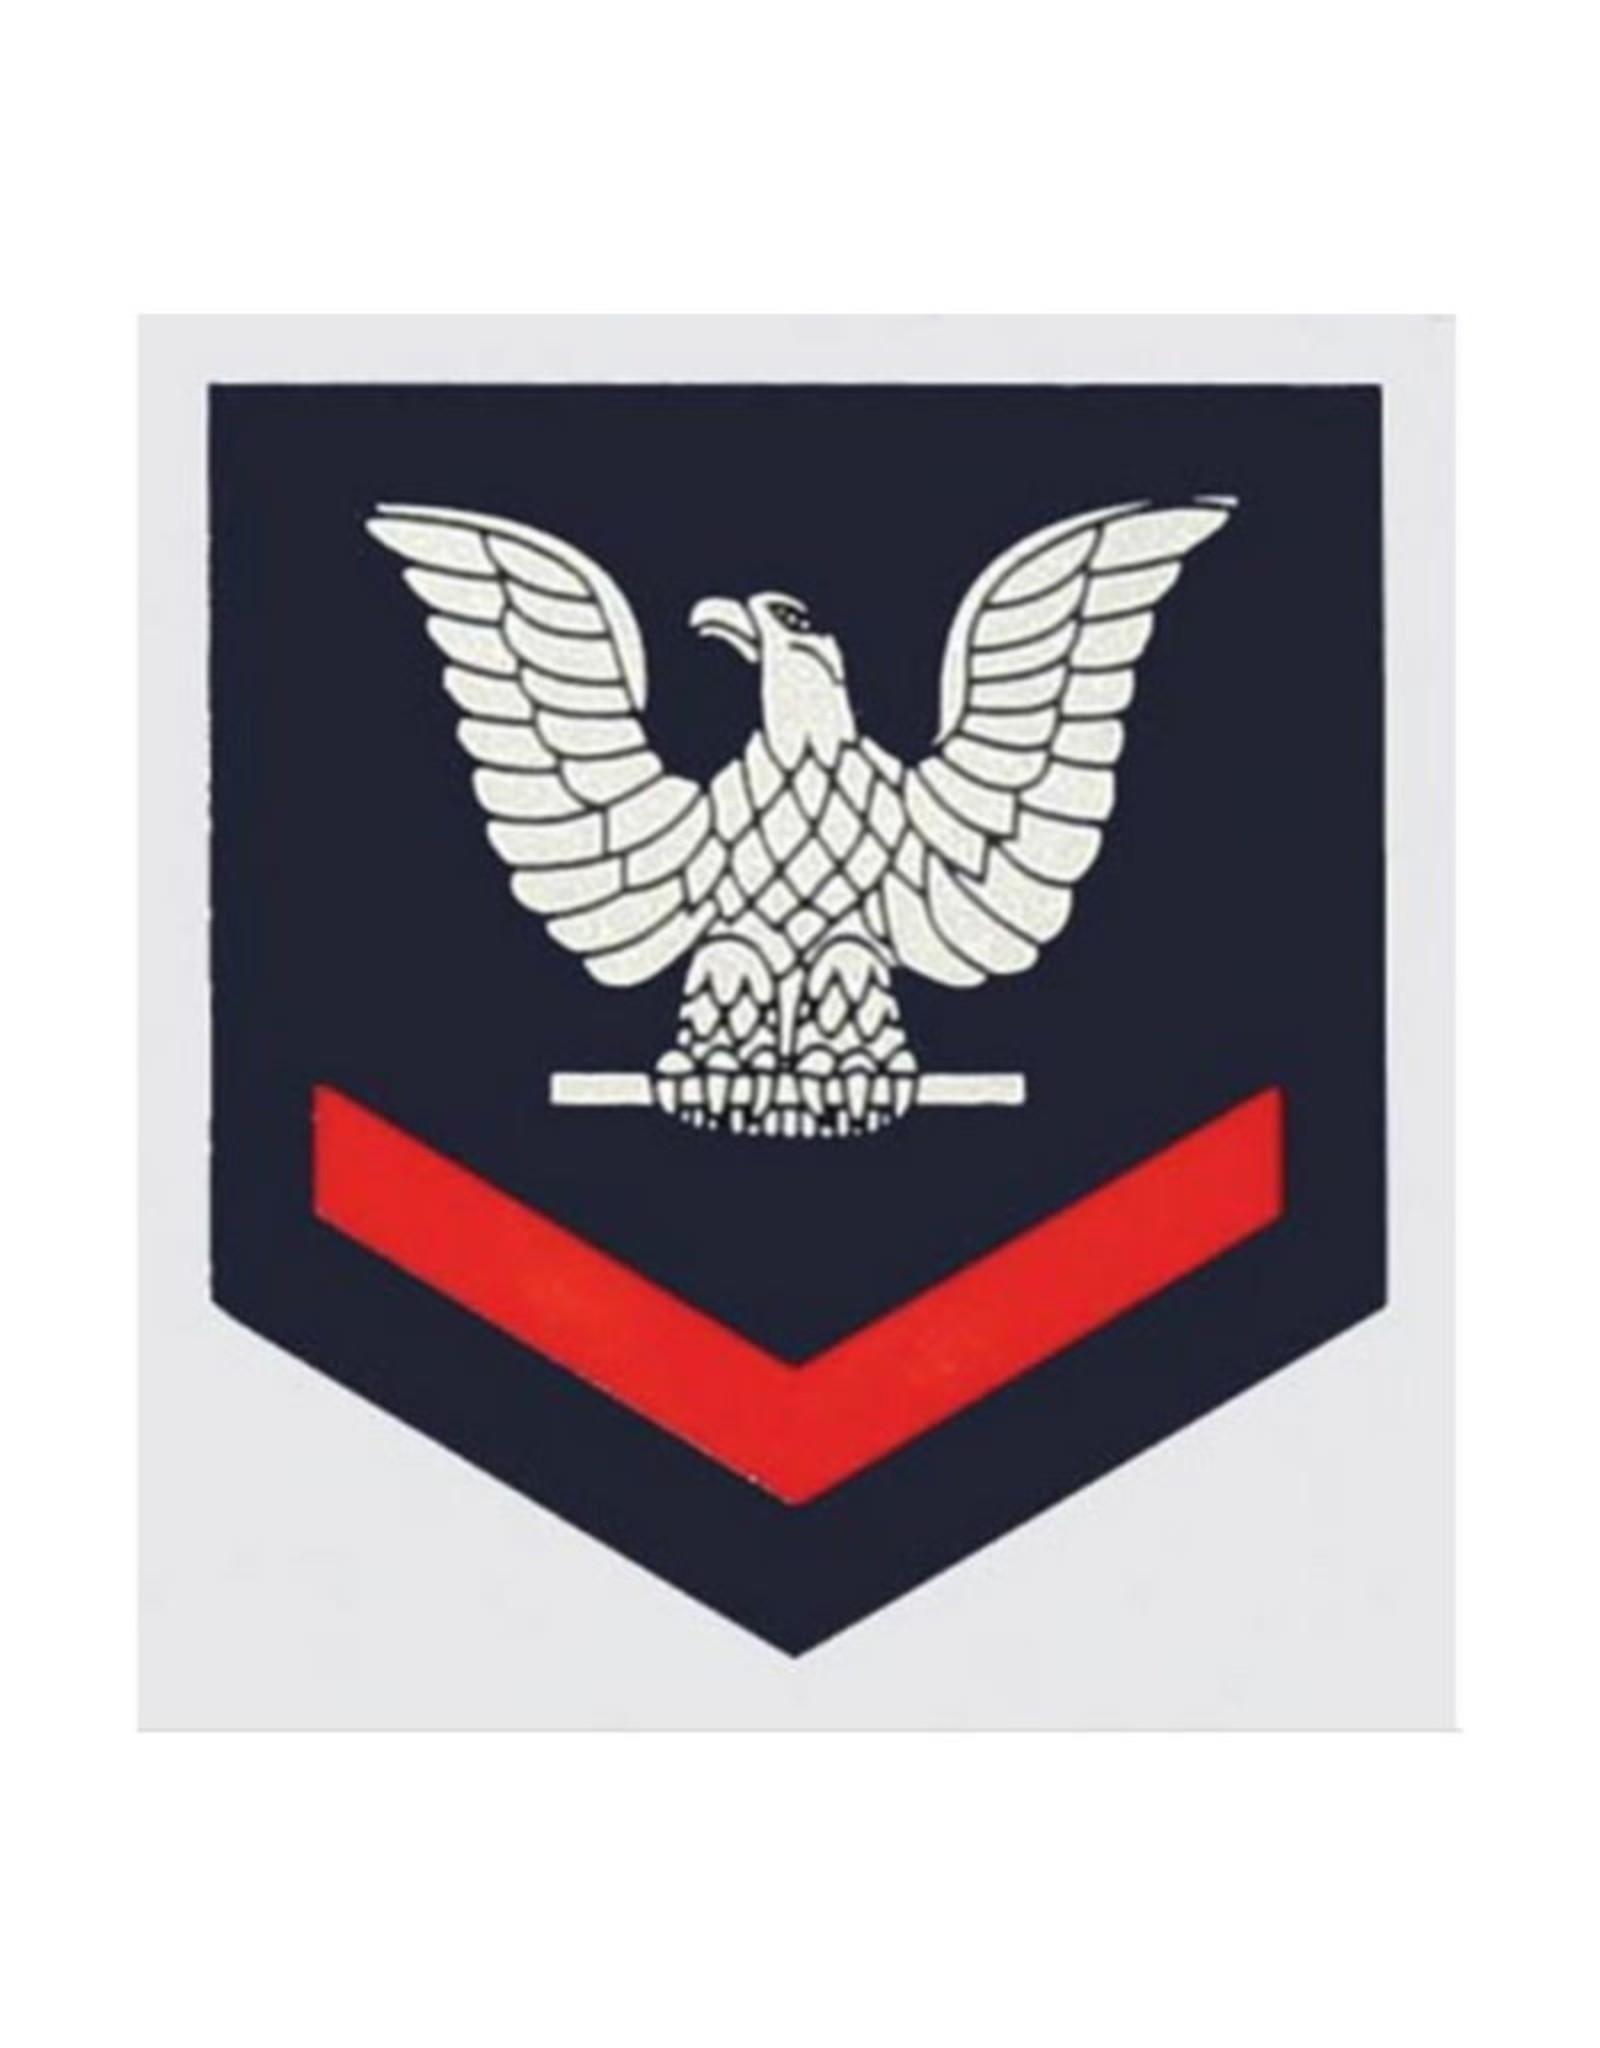 """MidMil Navy 3rd Class Petty Officer Rank Emblem Decal 2"""" wide x 2.1"""" high"""